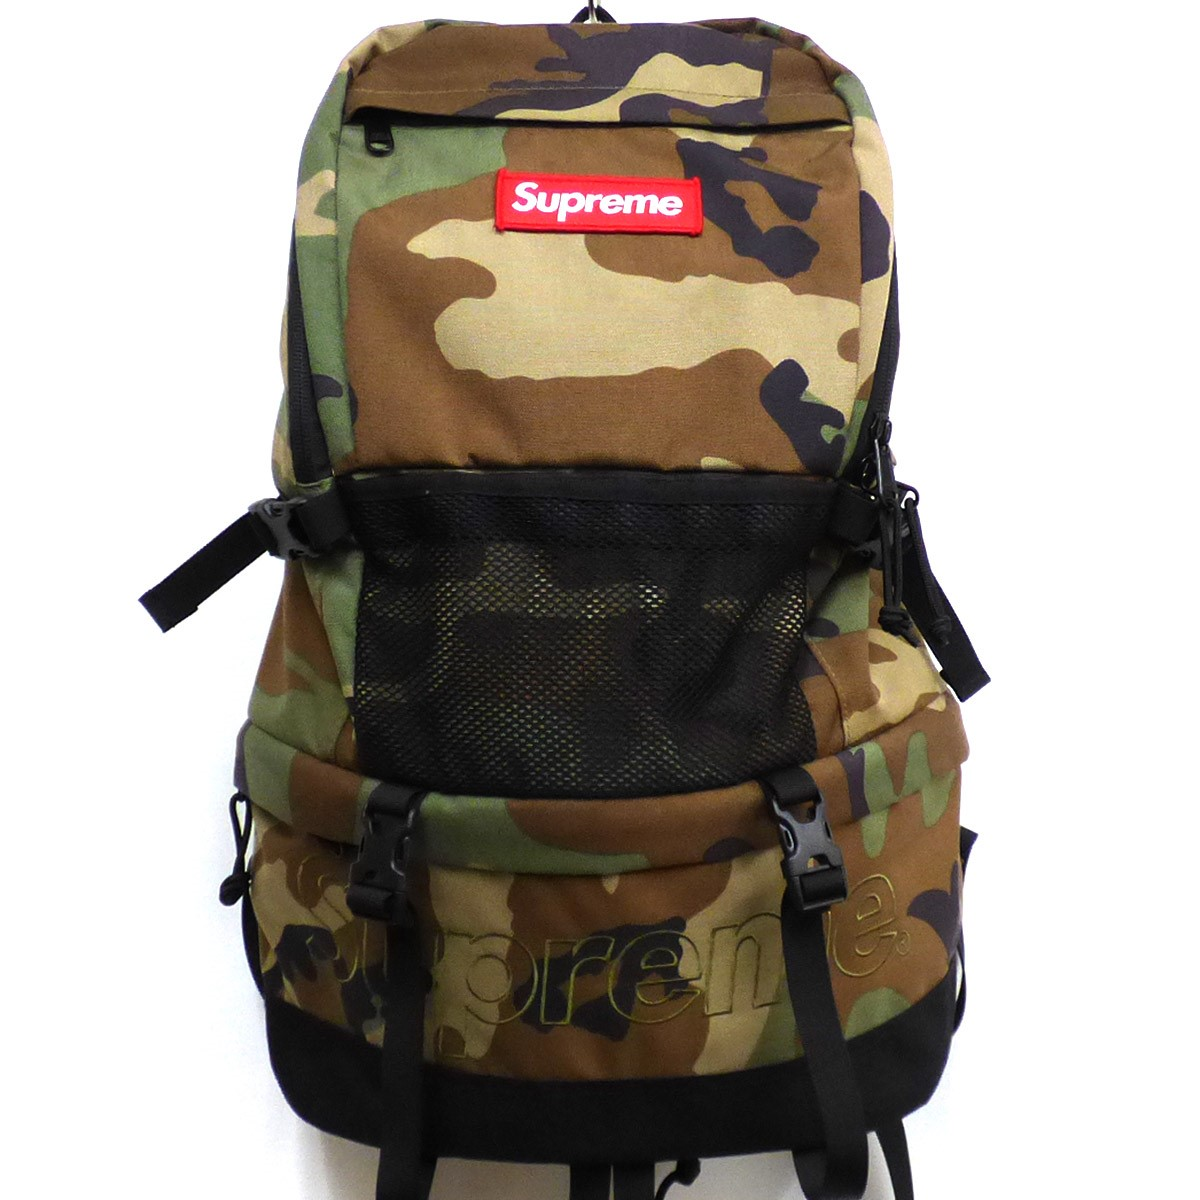 シュプリーム 【中古】SUPREME 15AW Contour Backpack Camo Box Logoボックスロゴバックパックバッグ カーキ サイズ:- 【031219】(シュプリーム)